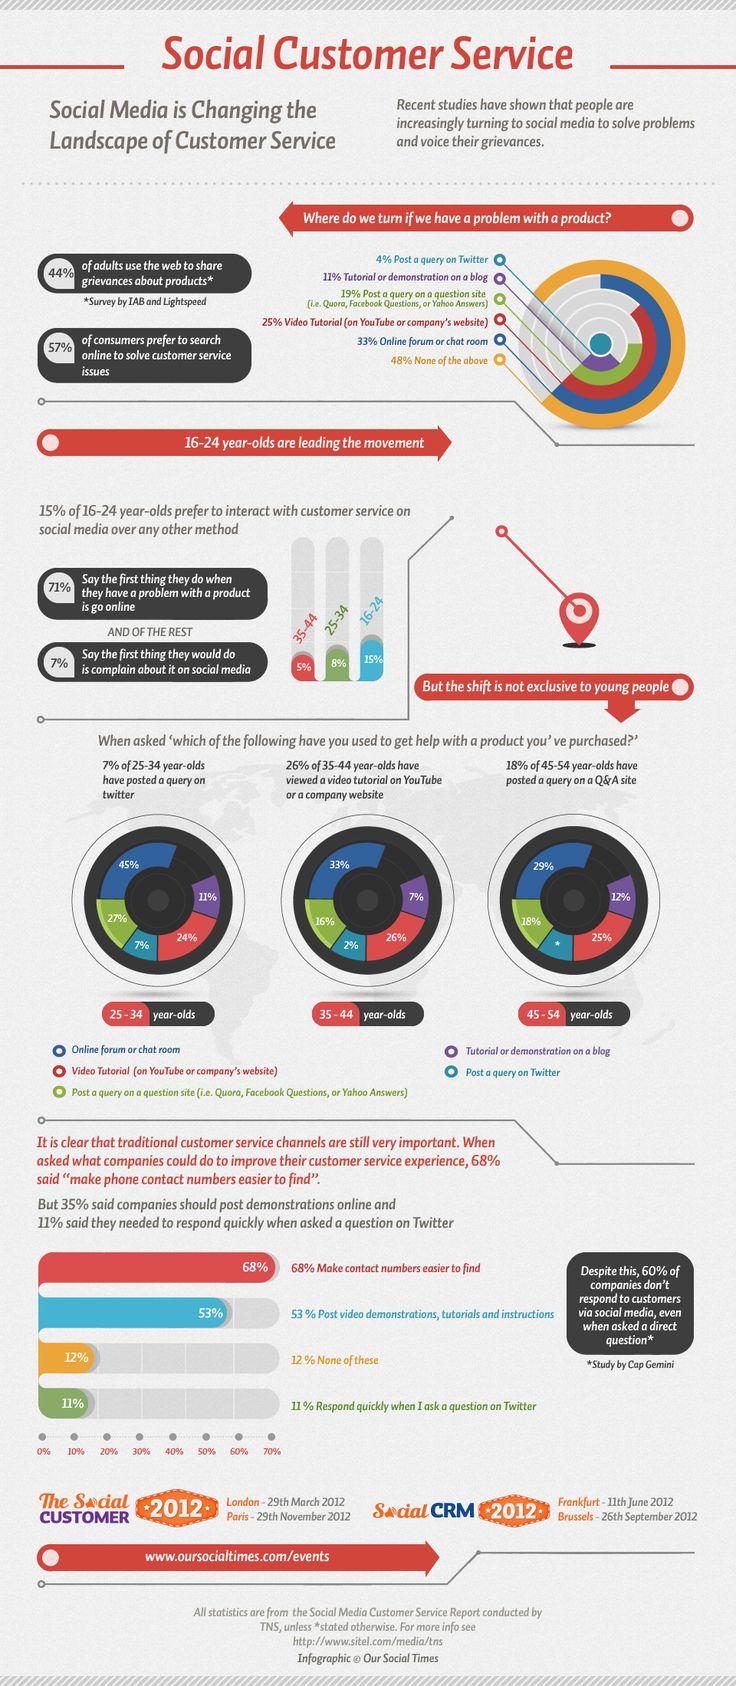 il 60% delle aziende non risponde alle domande dei propri clienti sui social network #customerservice